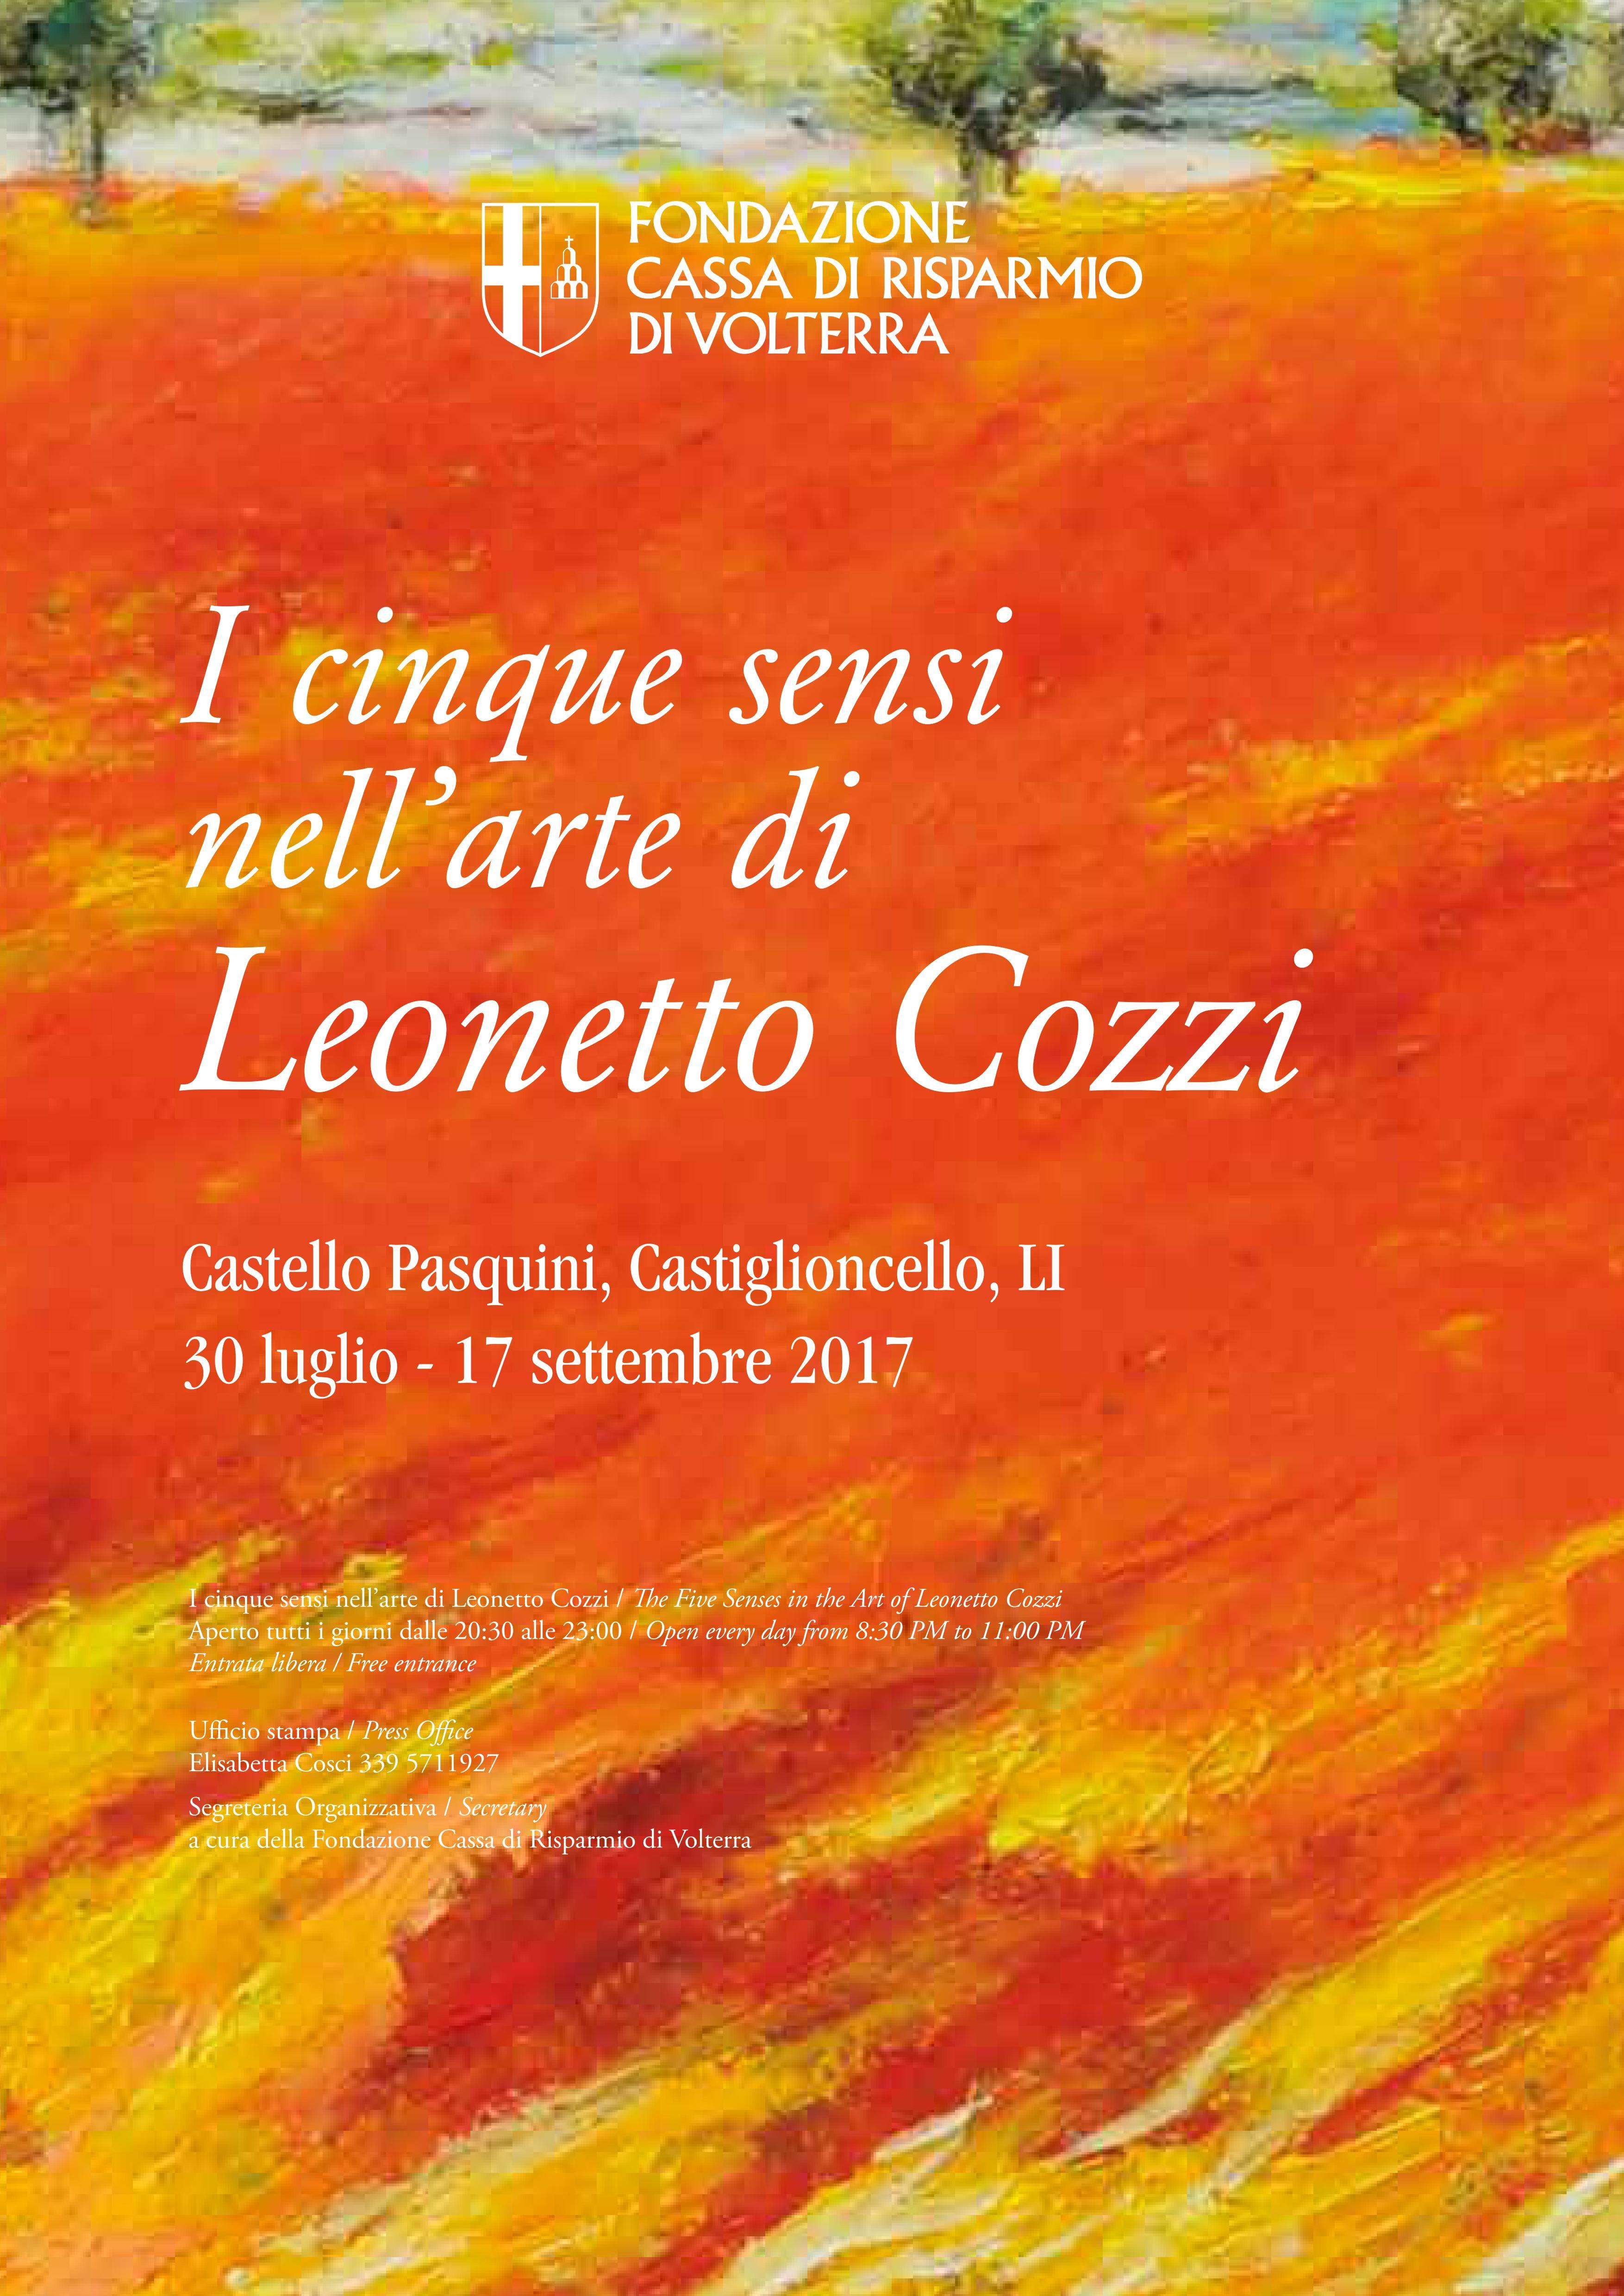 I cinque sensi nell'arte di Leonetto Cozzi